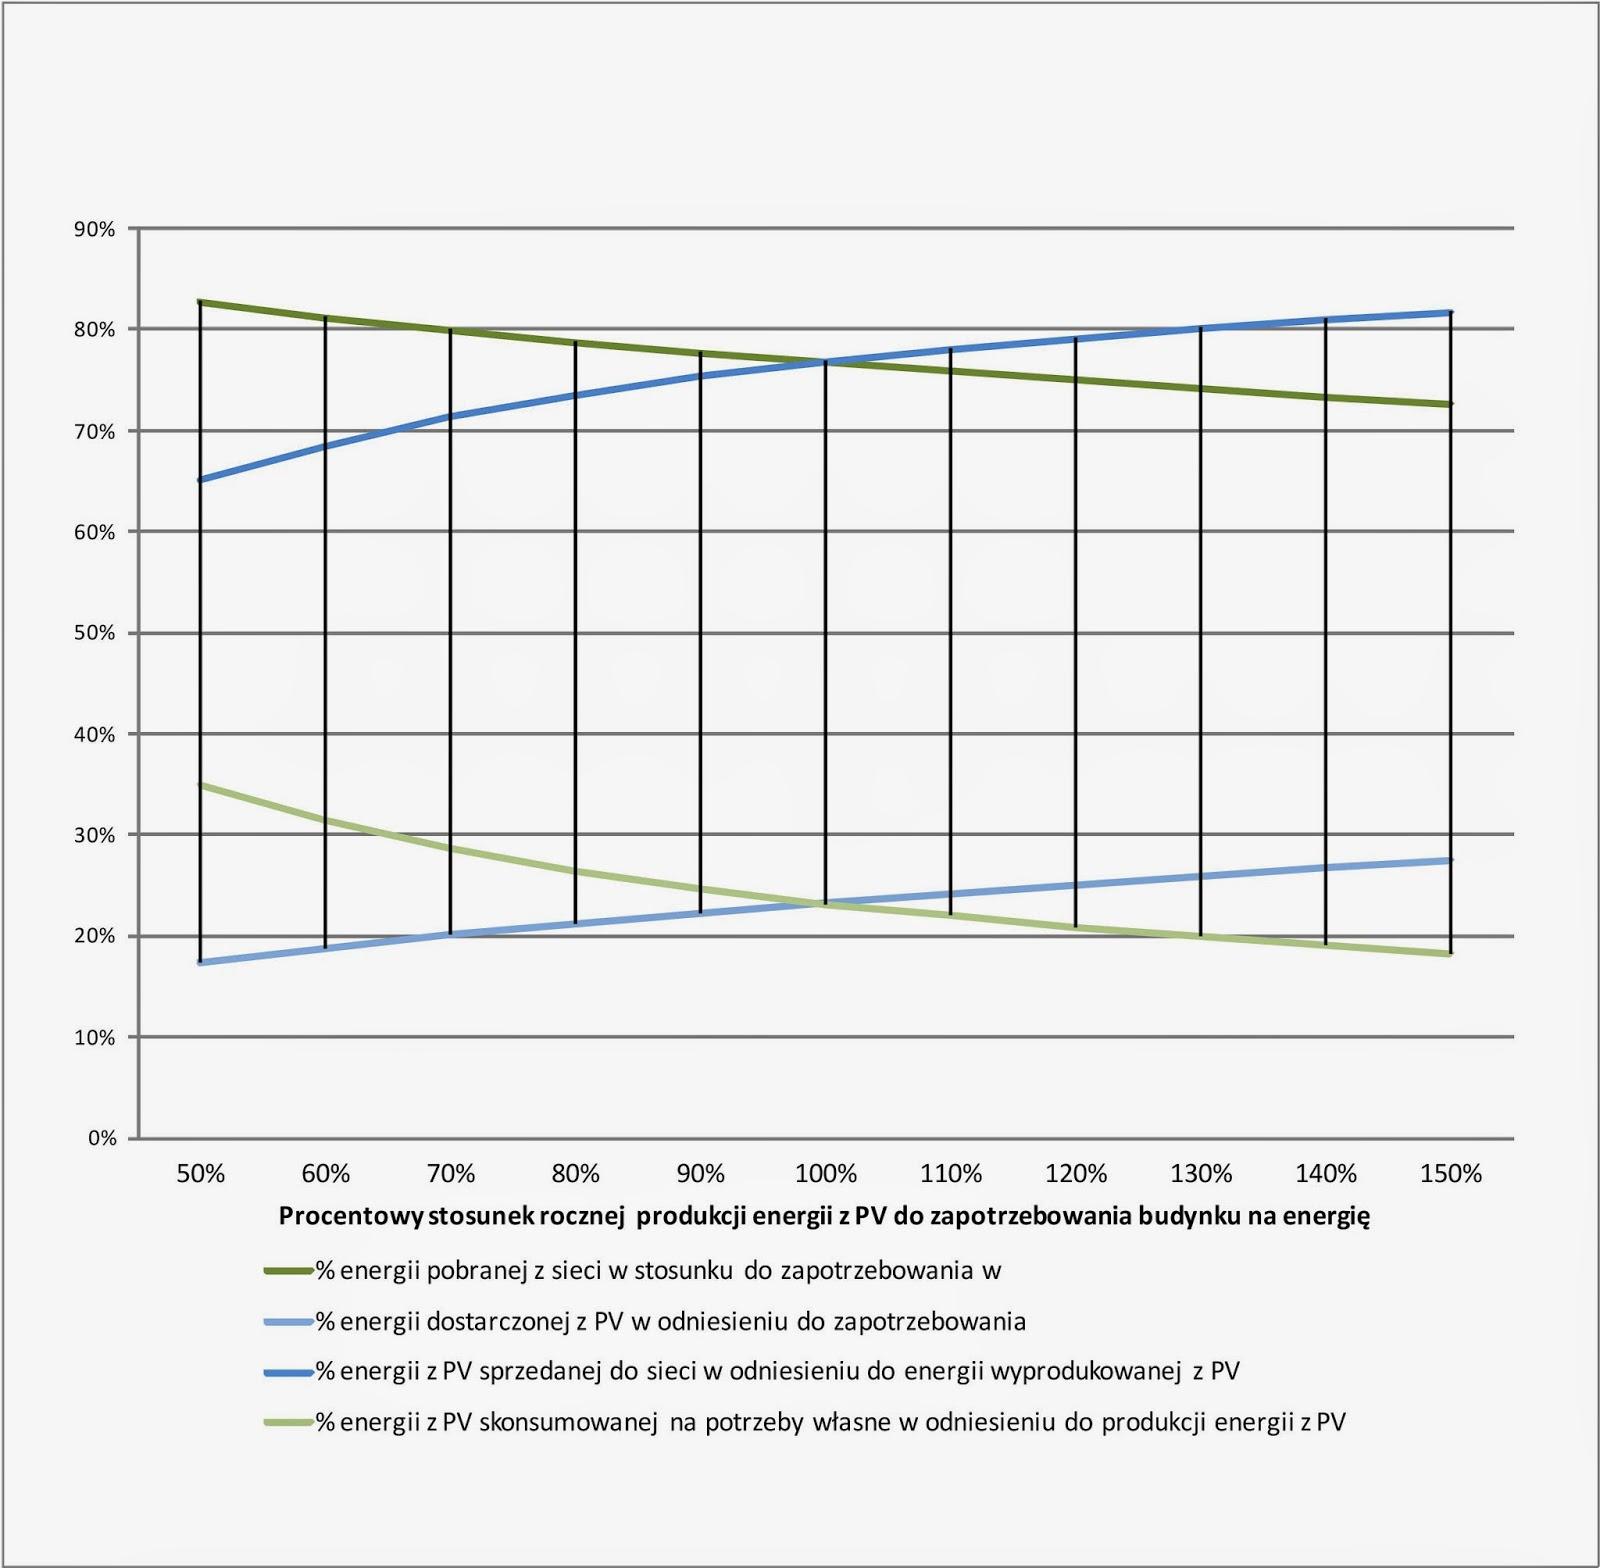 Korelacja wielkości produkcji energii z PV do zapotrzebowania budynku na energię